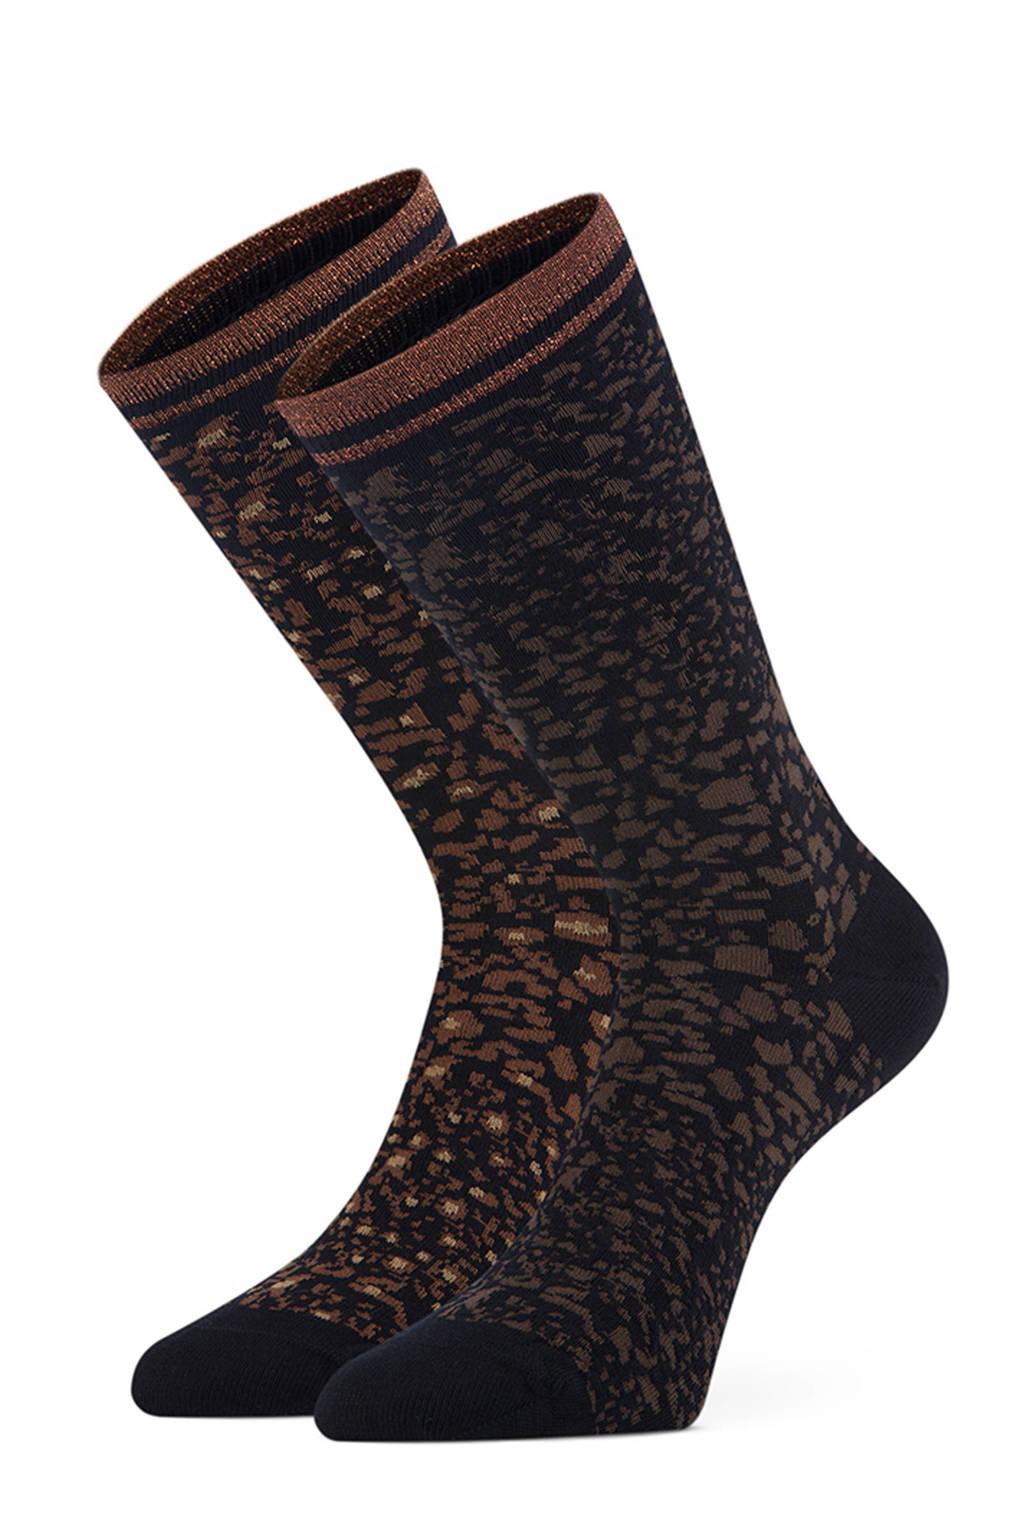 Marcmarcs sokken Lidia - set van 2 zwart/bruin, Zwart/bruin